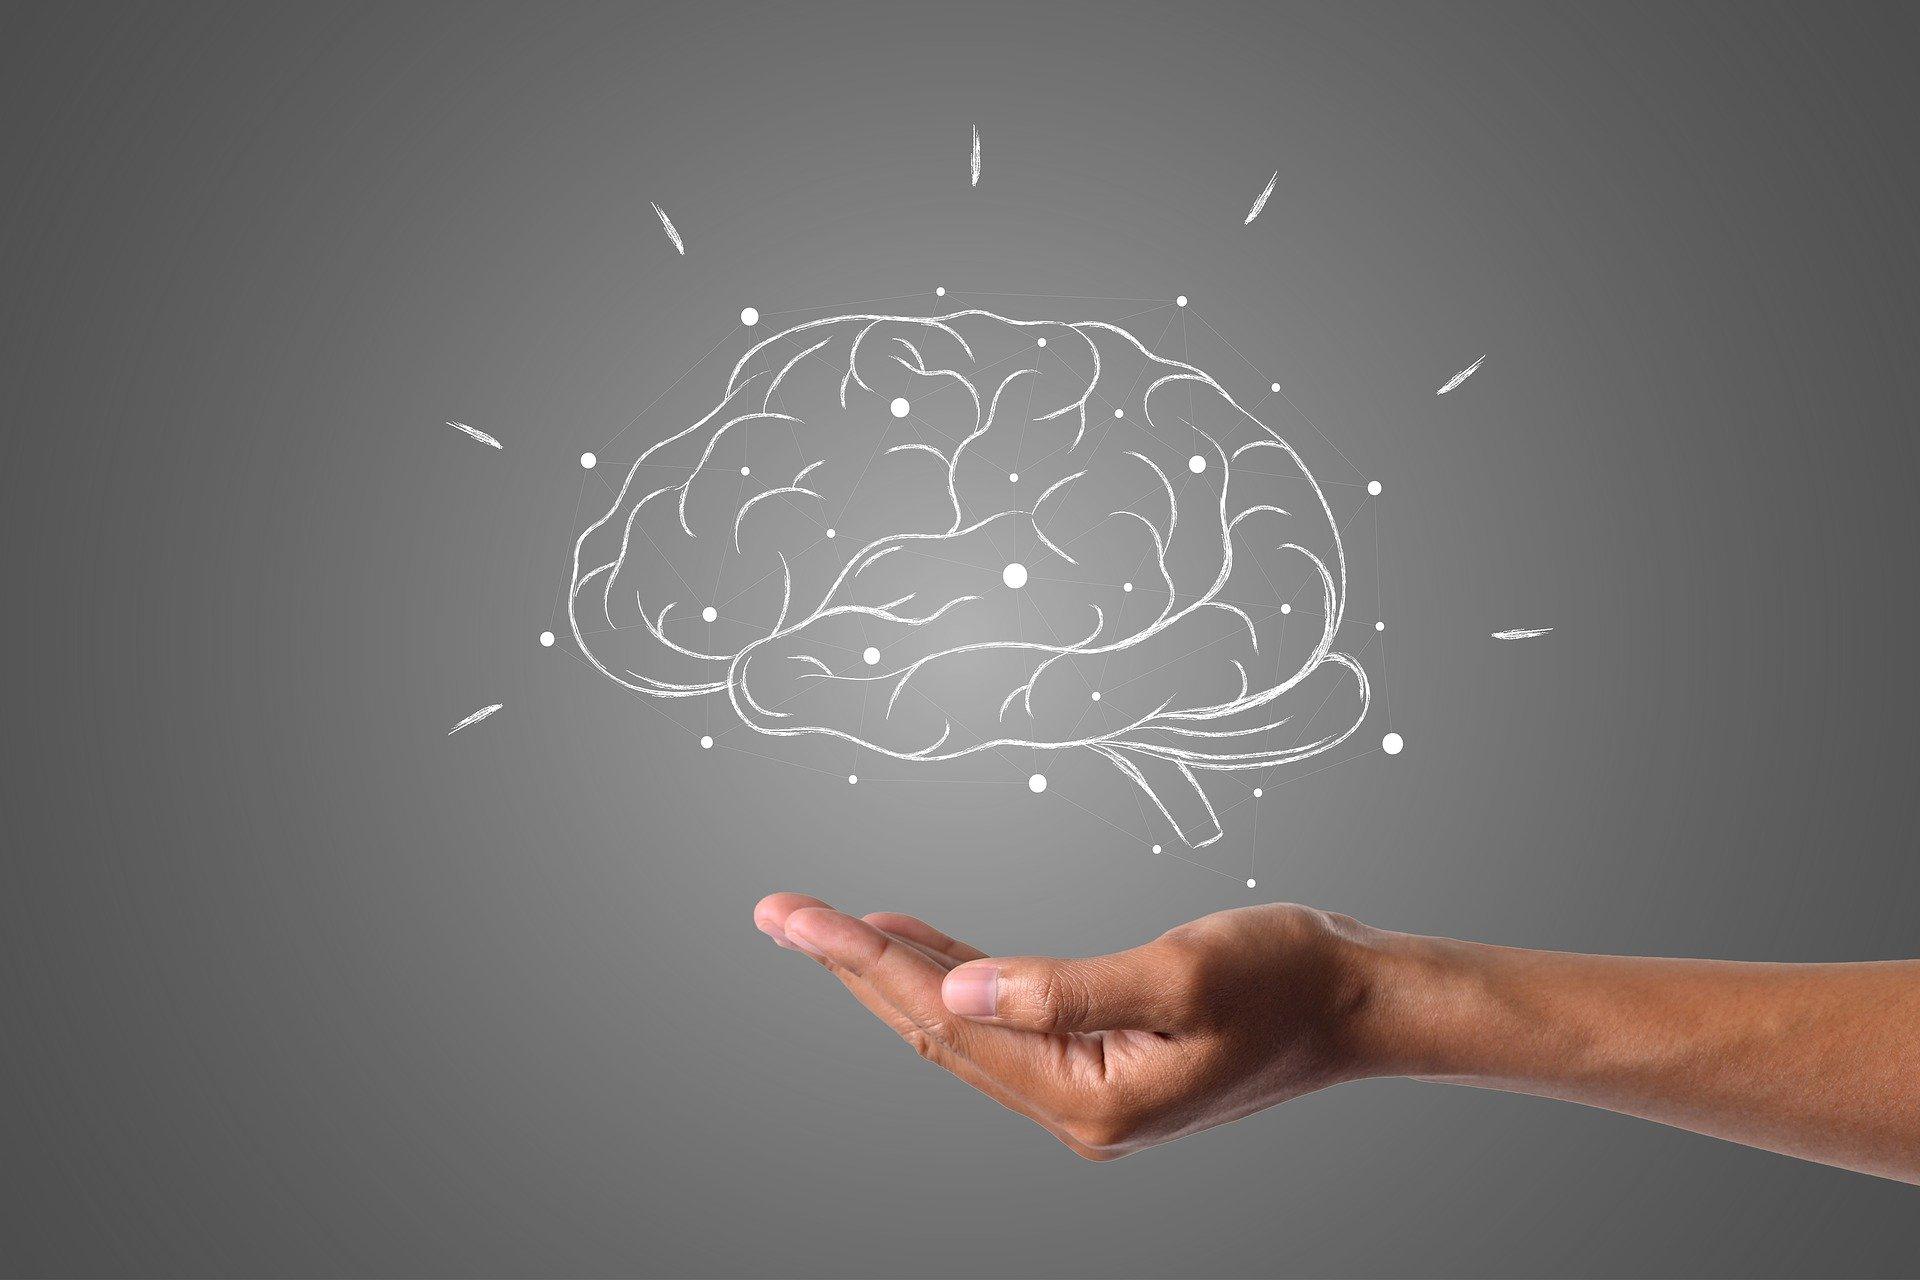 Ako zlepšiť a podporiť rokmi unavenú pamäť?